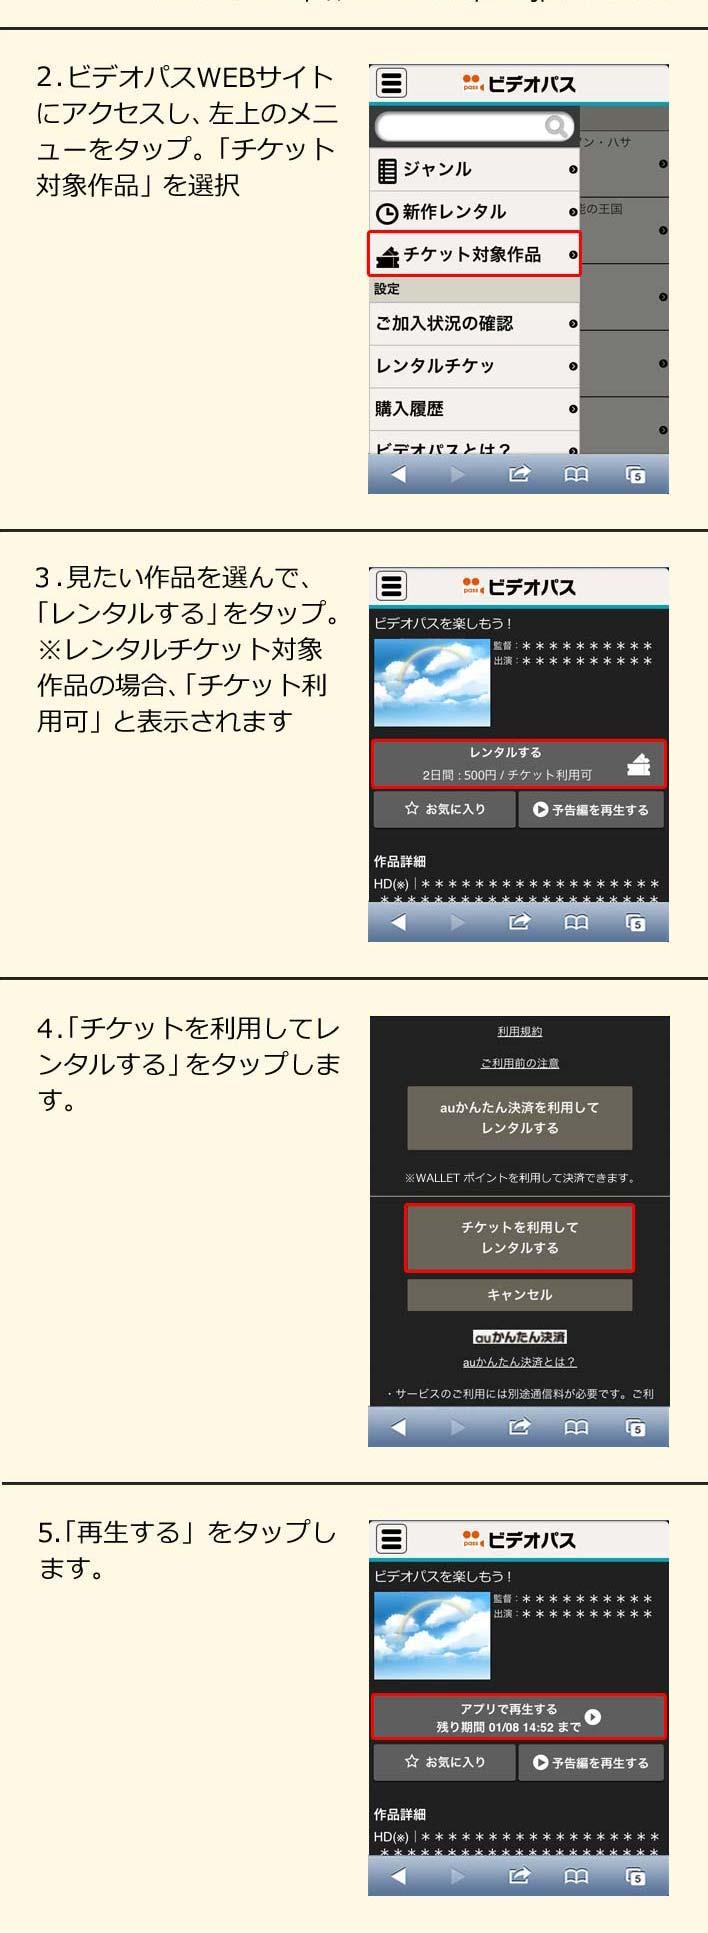 (2)ビデオパスWEBサイトにアクセスし、左上のメニューをタップ。「チケット対象作品」を選択 / (3)見たい作品を選んで、「レンタルする」をタップ。※レンタルチケット対象作品の場合、「チケット利用可」と表示されます / (4)「チケットを利用してレンタルする」をタップします。 / (5)「再生する」をタップします。